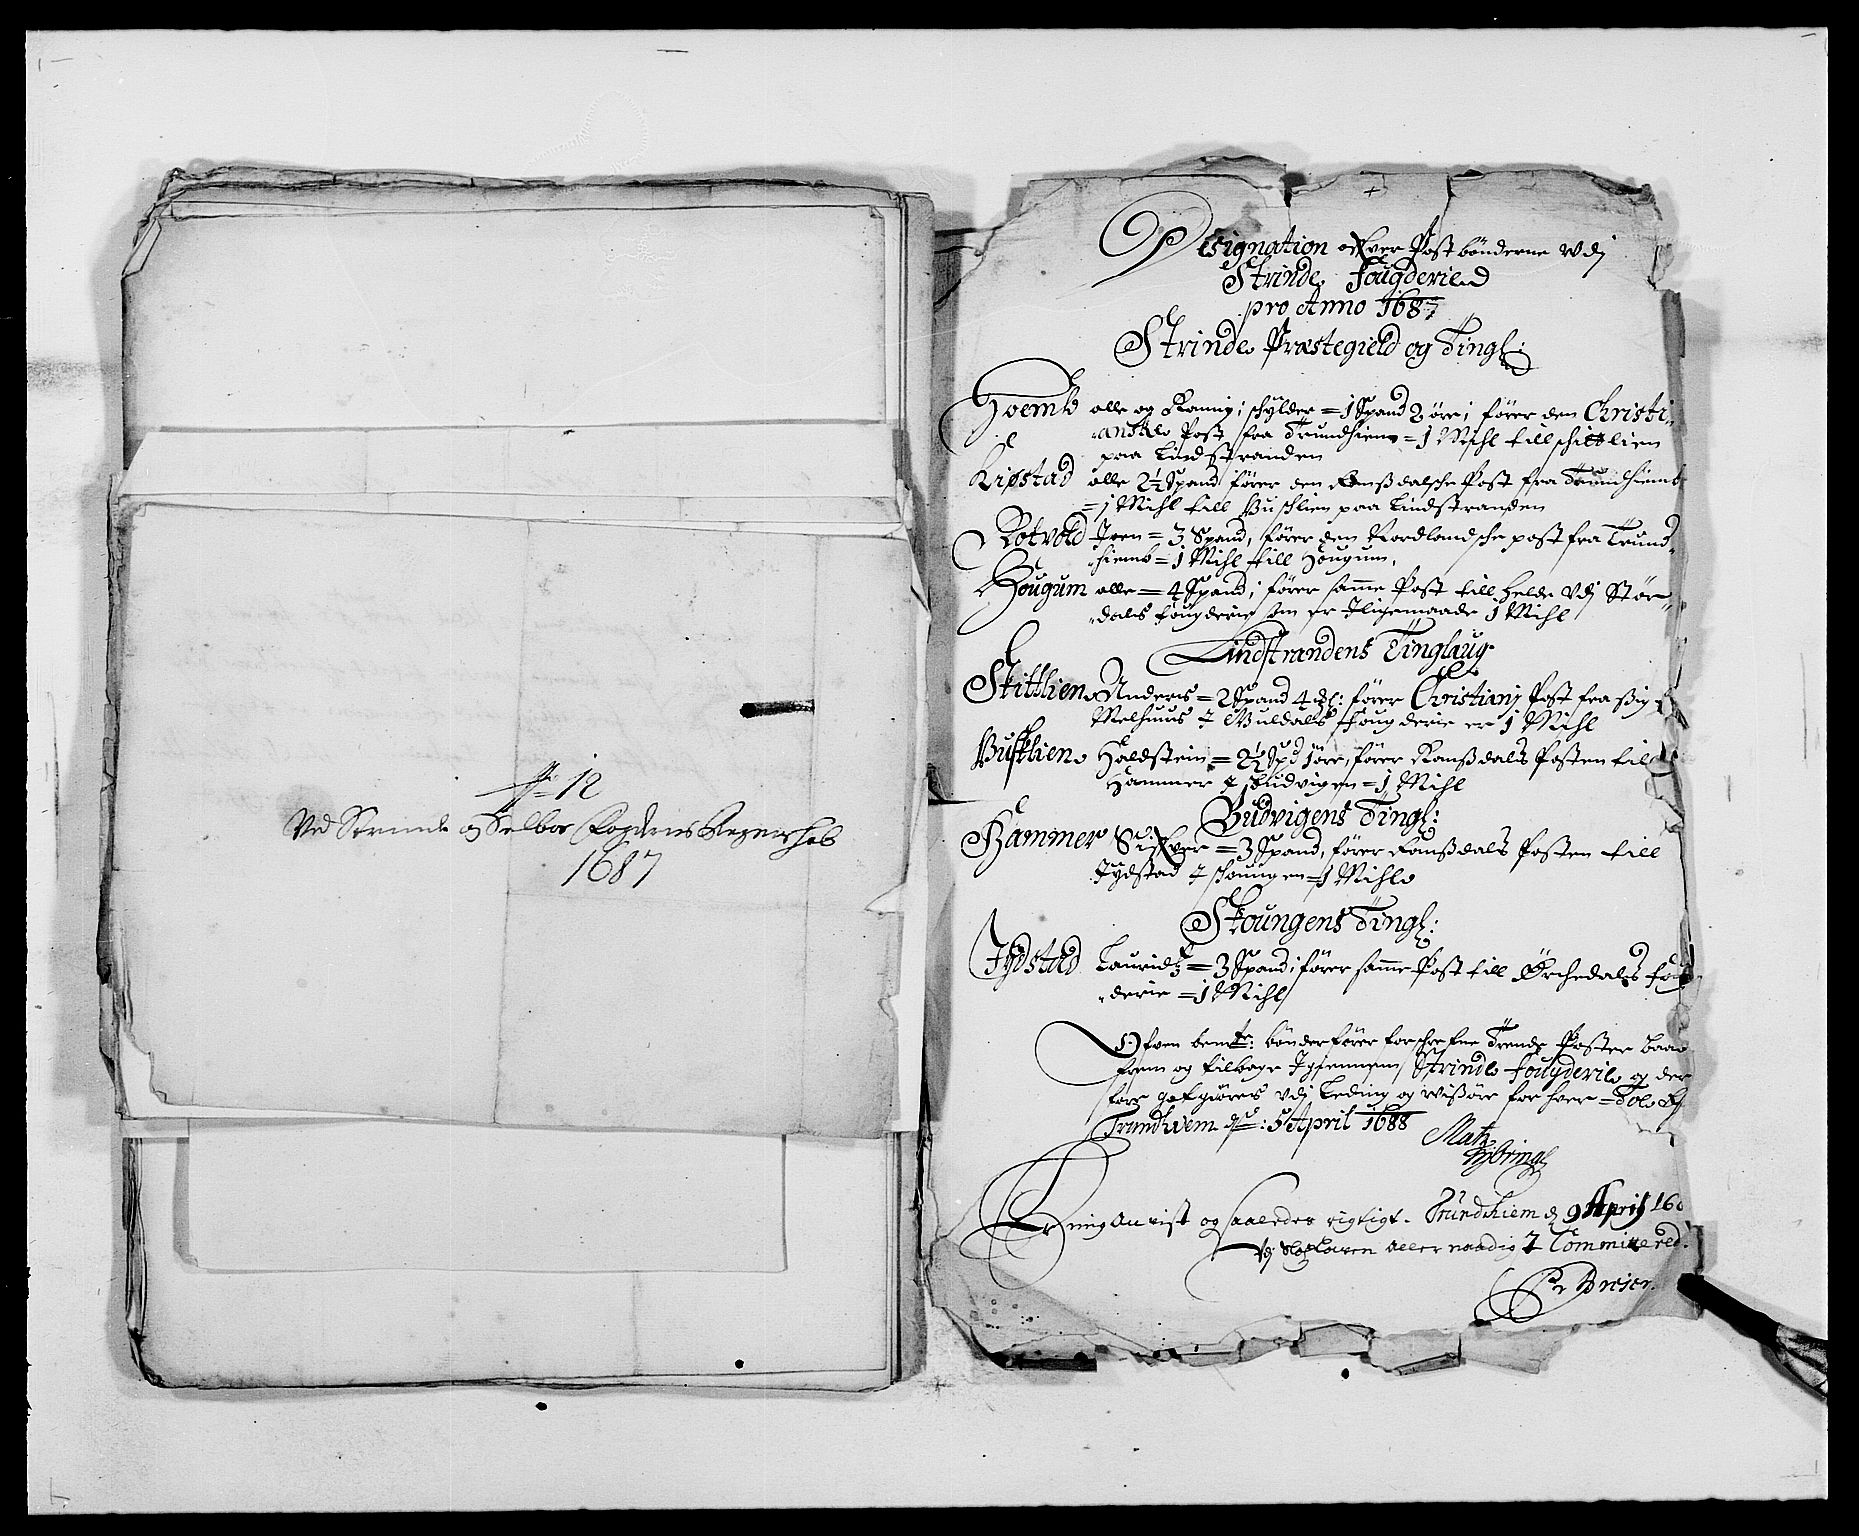 RA, Rentekammeret inntil 1814, Reviderte regnskaper, Fogderegnskap, R61/L4101: Fogderegnskap Strinda og Selbu, 1687-1688, s. 152